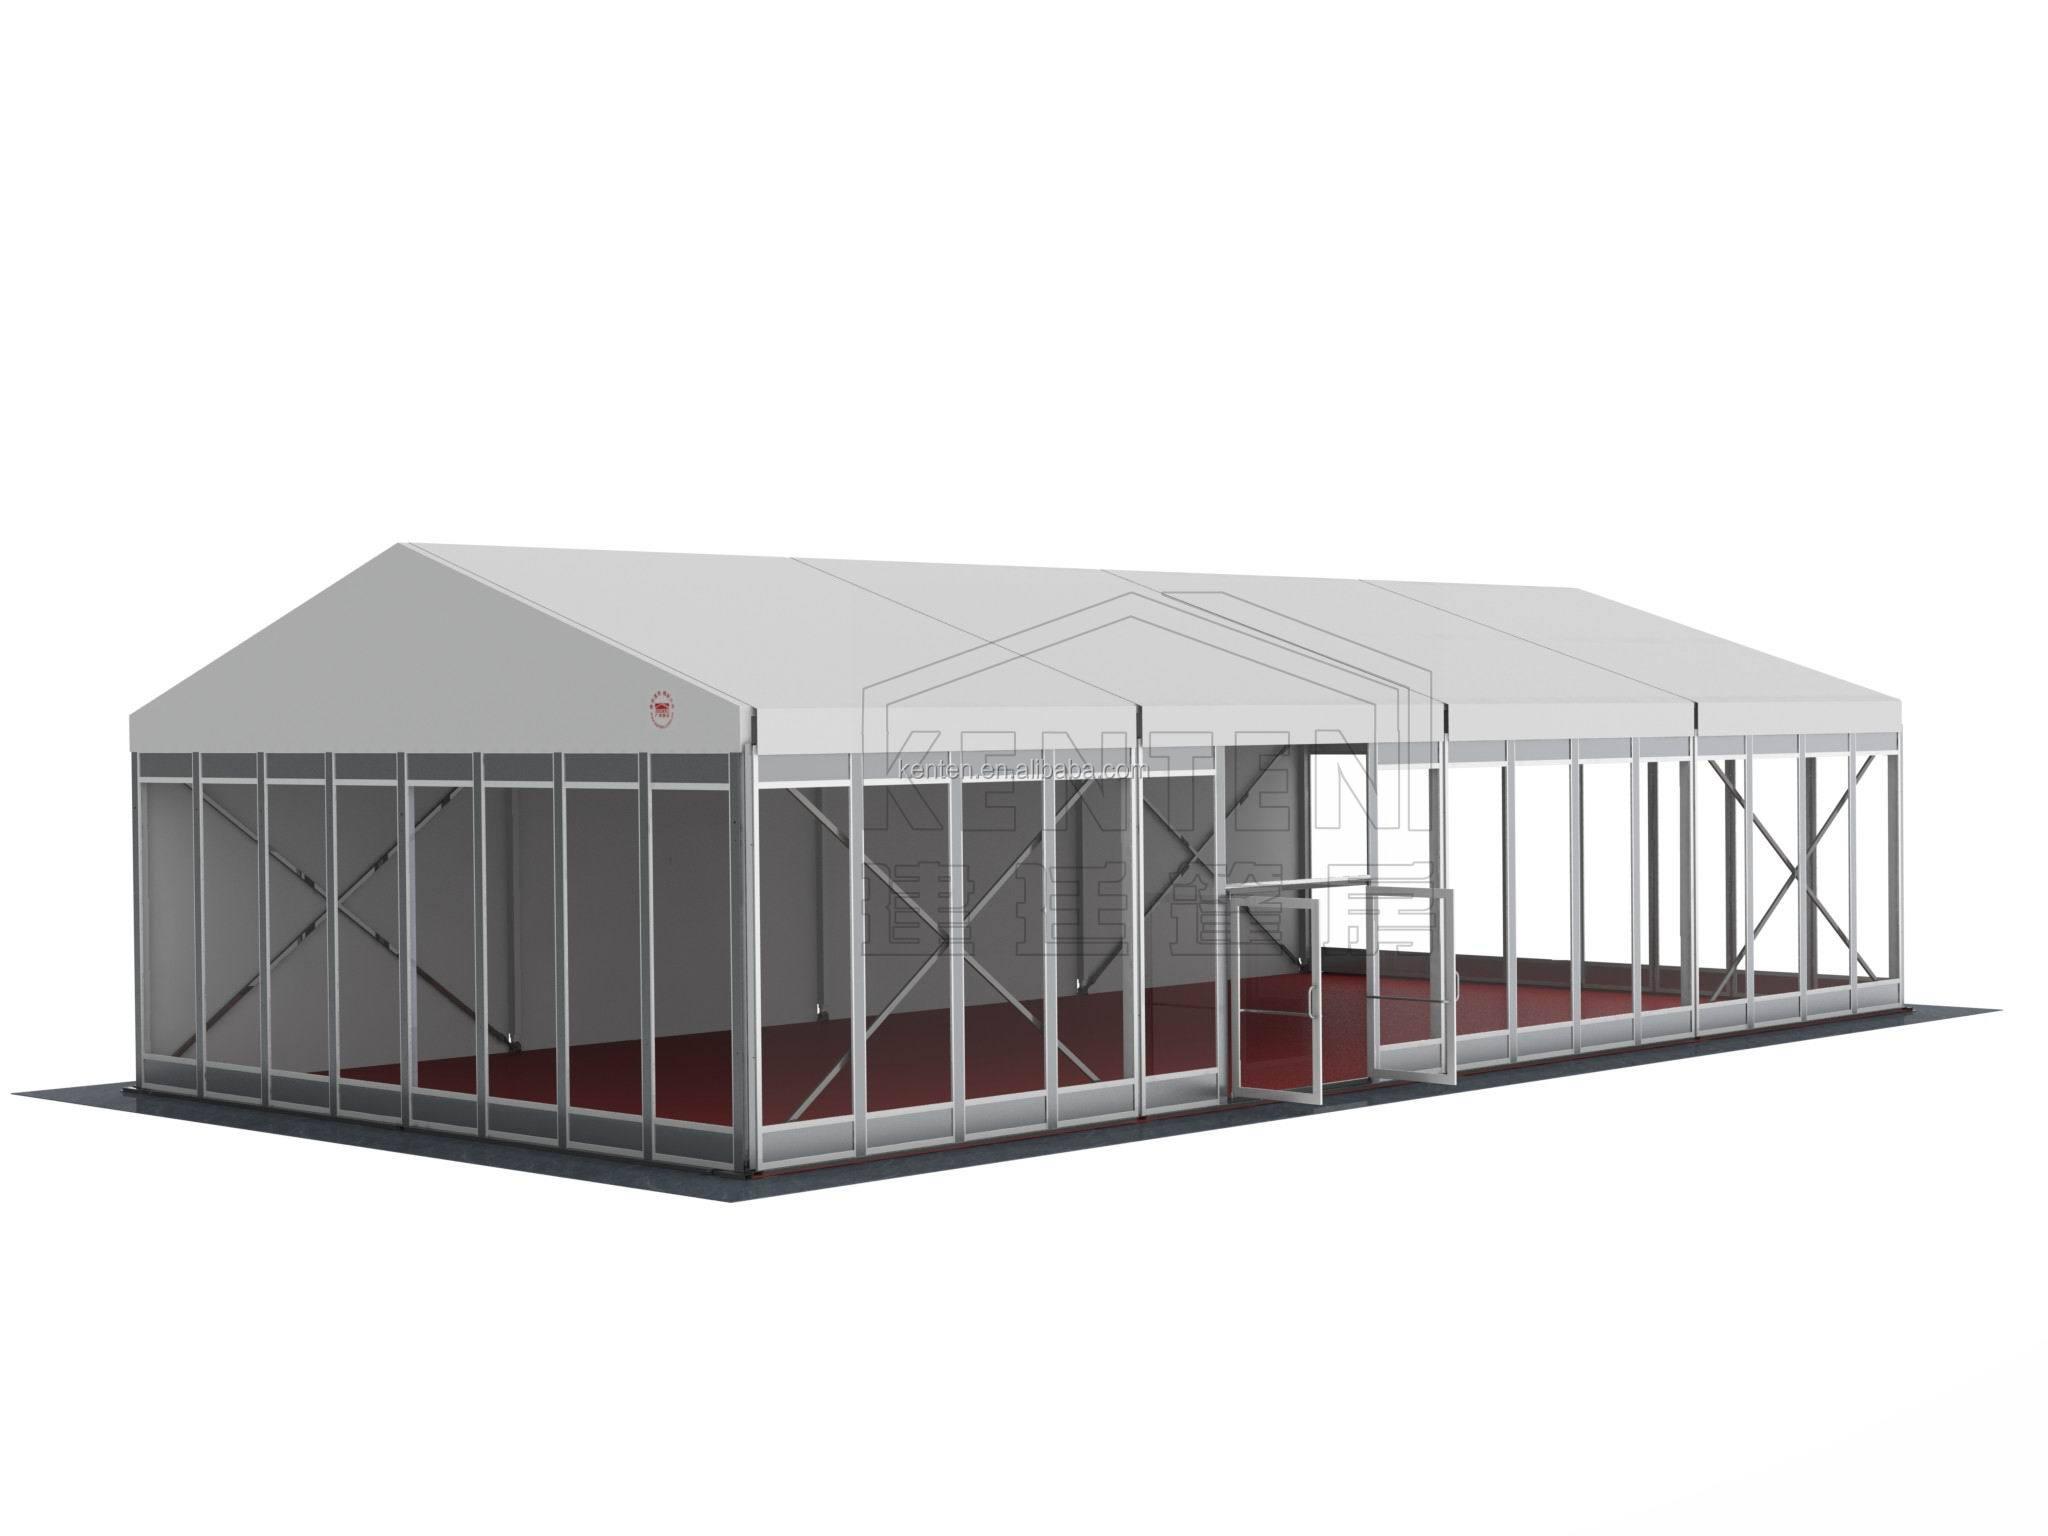 KENTEN 12m span width large temporary car storage tent  sc 1 st  Alibaba & Kenten 12m Span Width Large Temporary Car Storage Tent - Buy Car ...